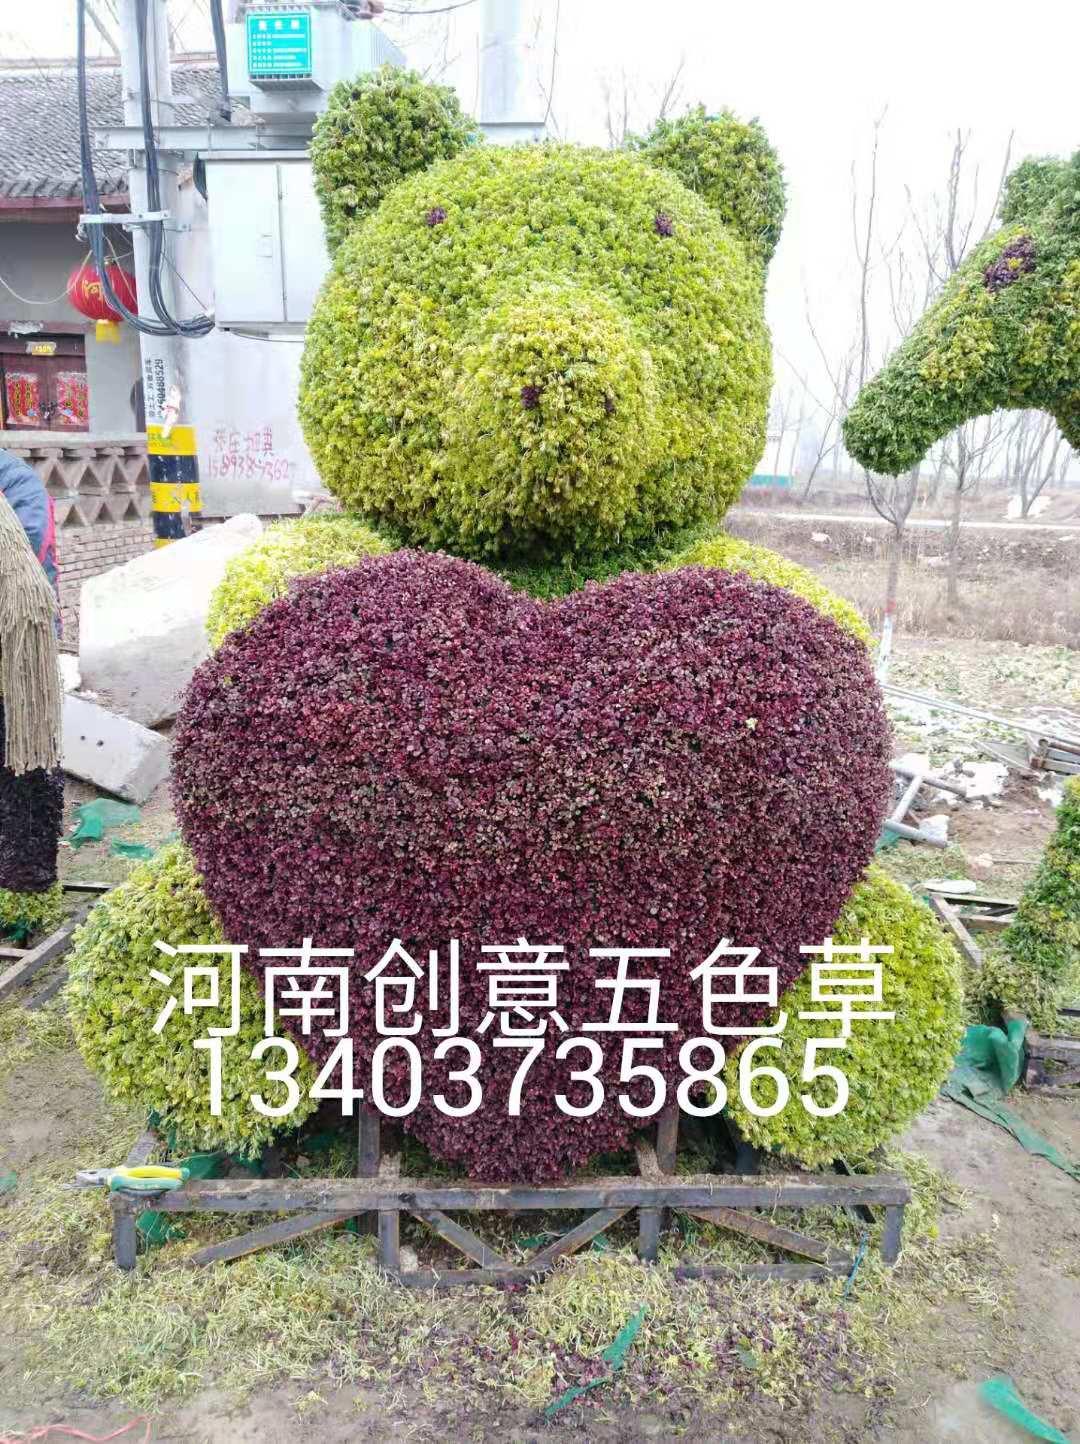 仿真植物绿雕价格_快卓网